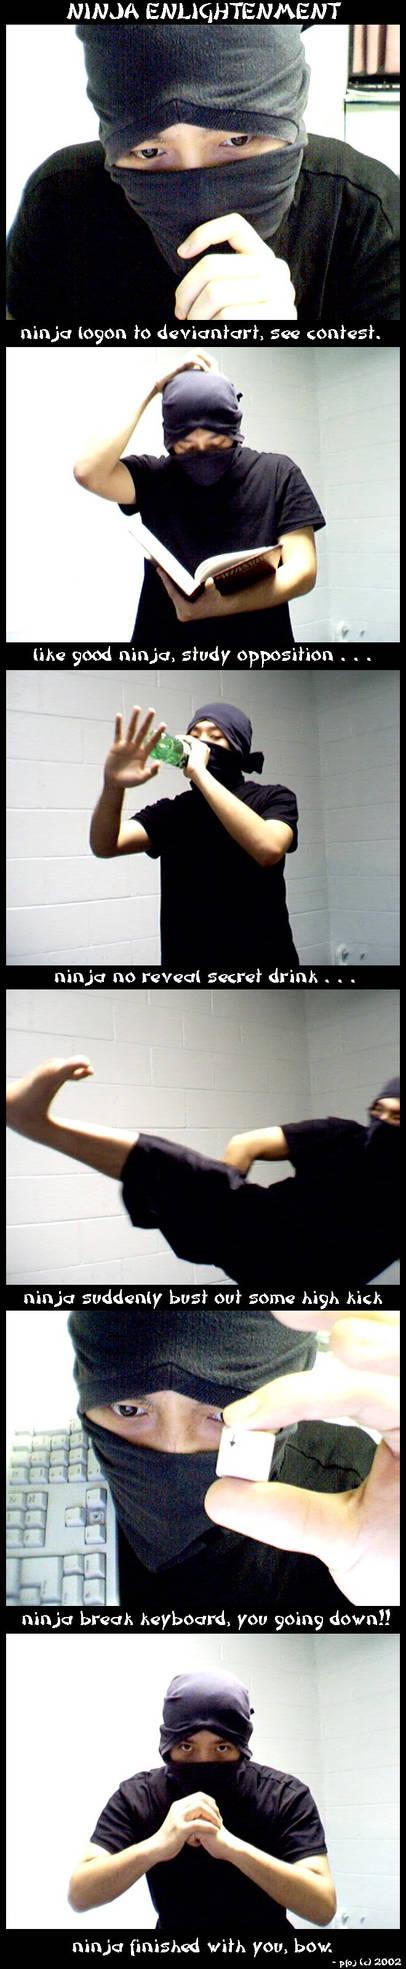 ninja enlightenment